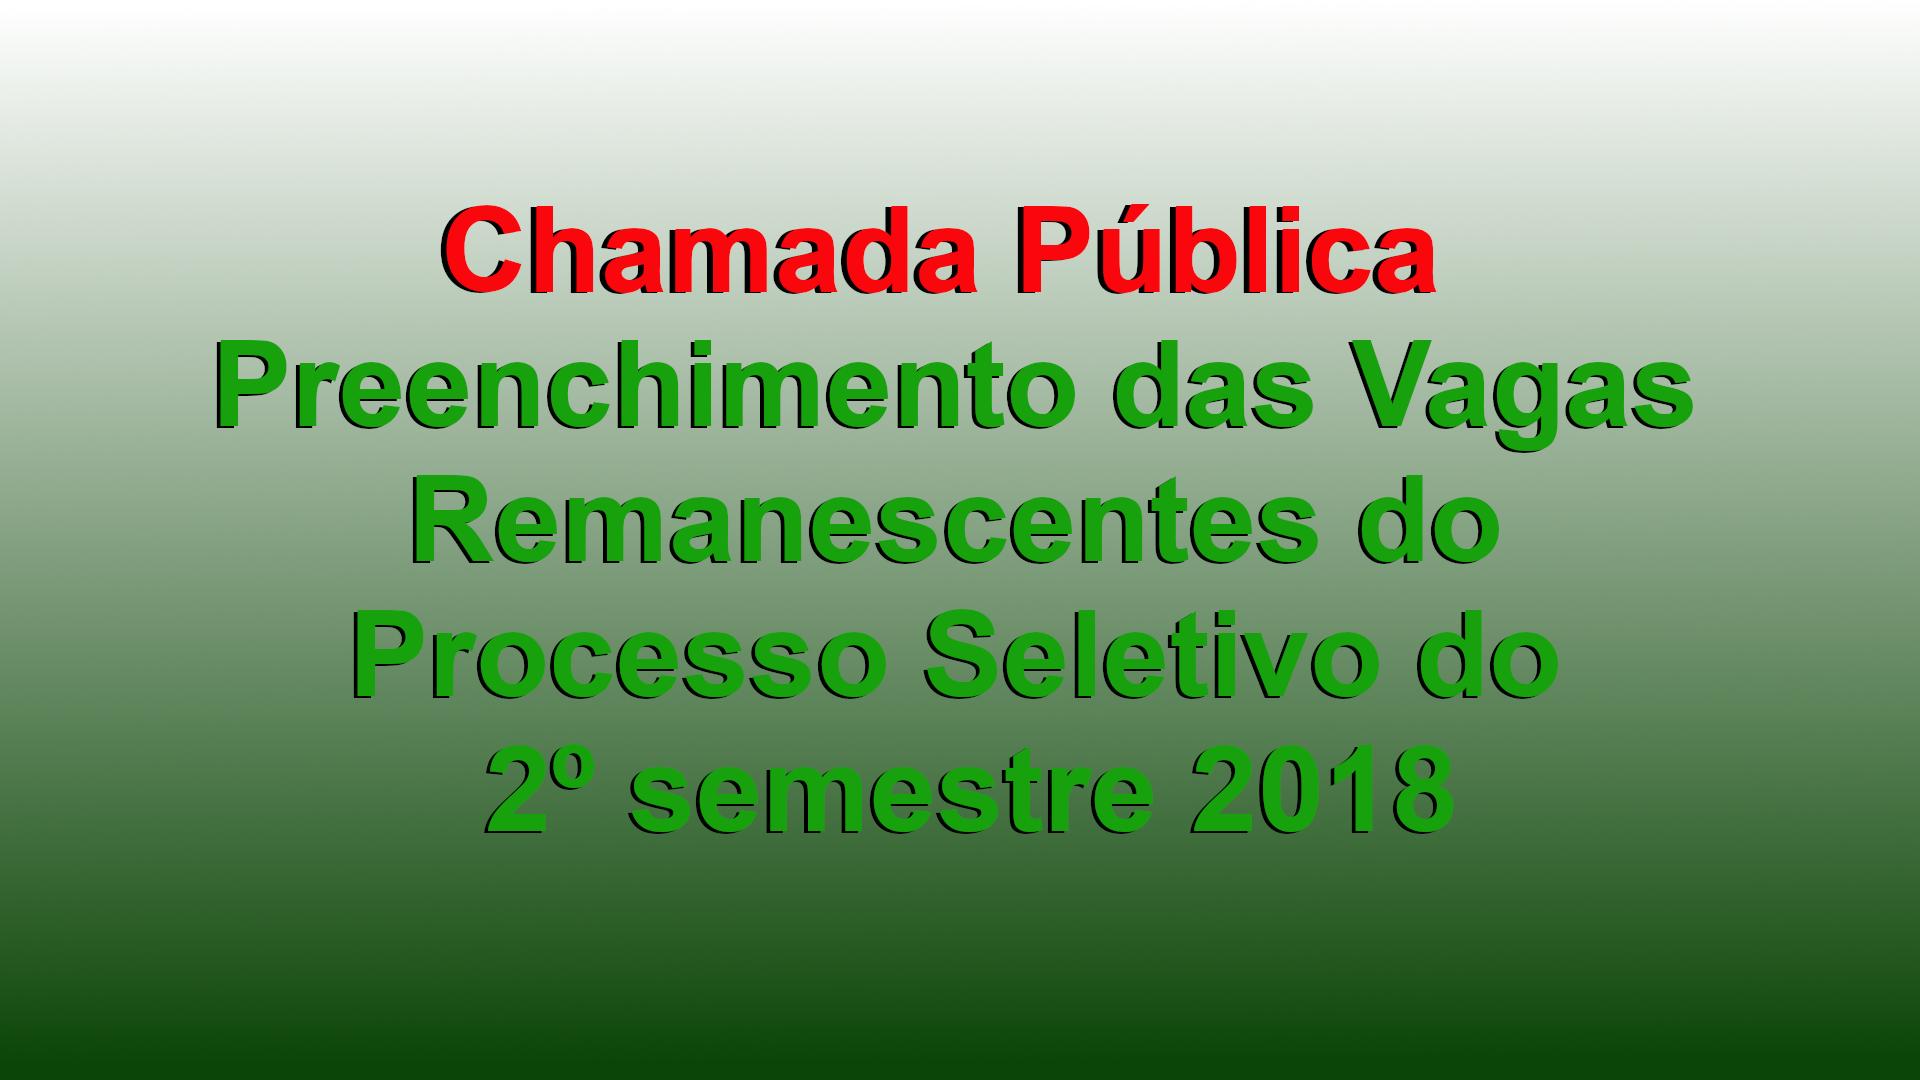 Chamada Pública - Preenchimento das Vagas Remanescentes do Processo Seletivo do 2º semestre 2018